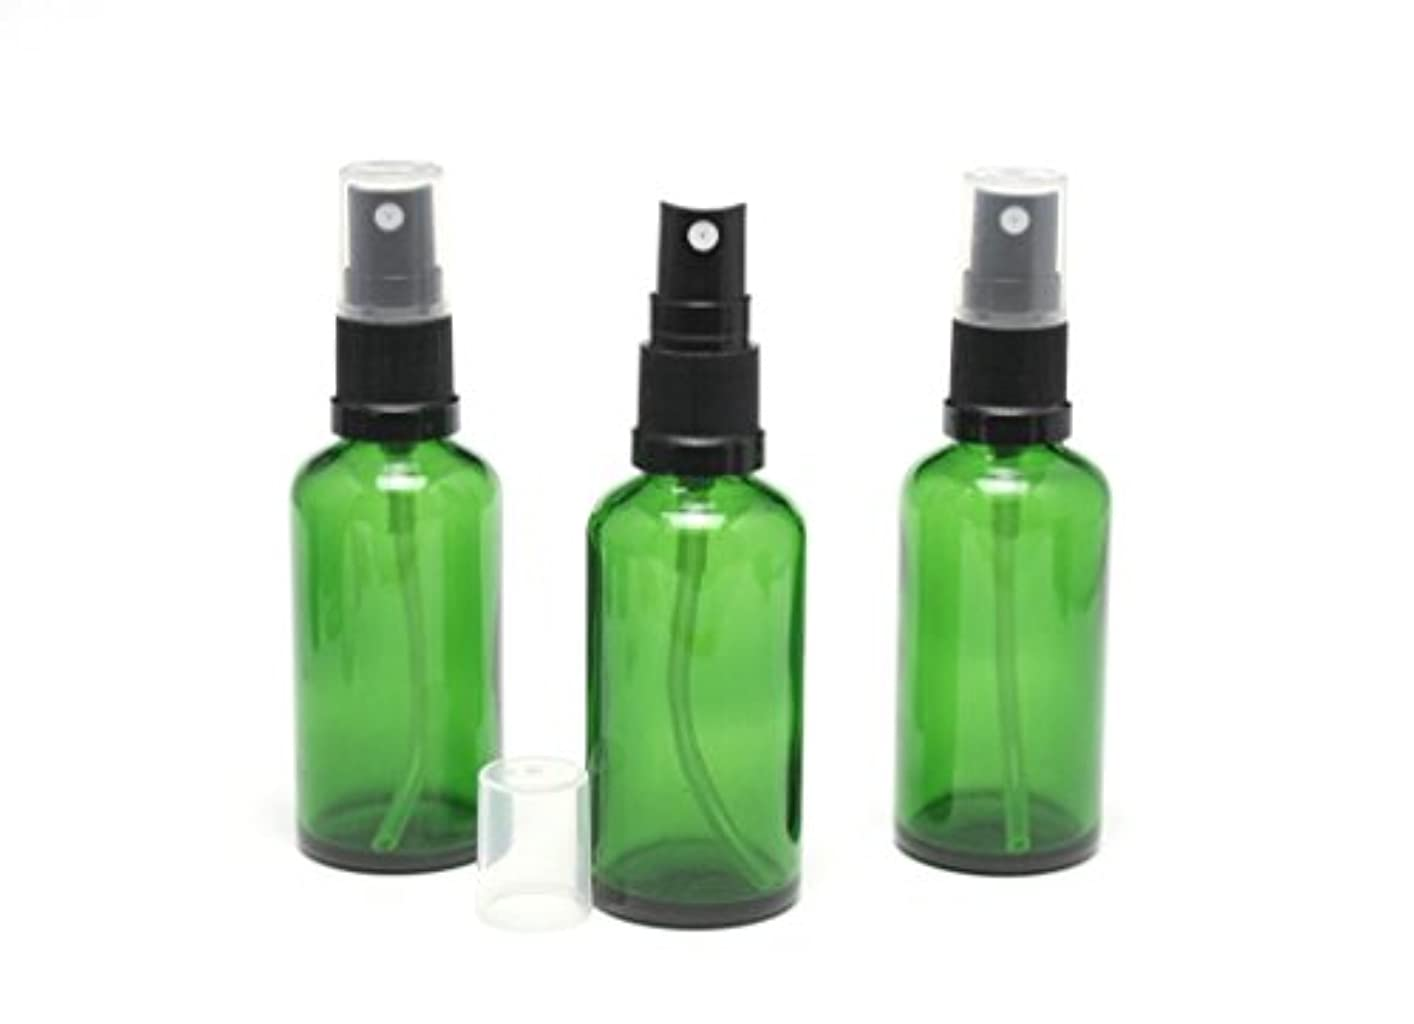 私たち自身ファンタジー間遮光瓶 スプレーボトル (グラス/アトマイザー) 50ml グリーン/ブラックヘッド 3本セット 【 新品アウトレットセール 】